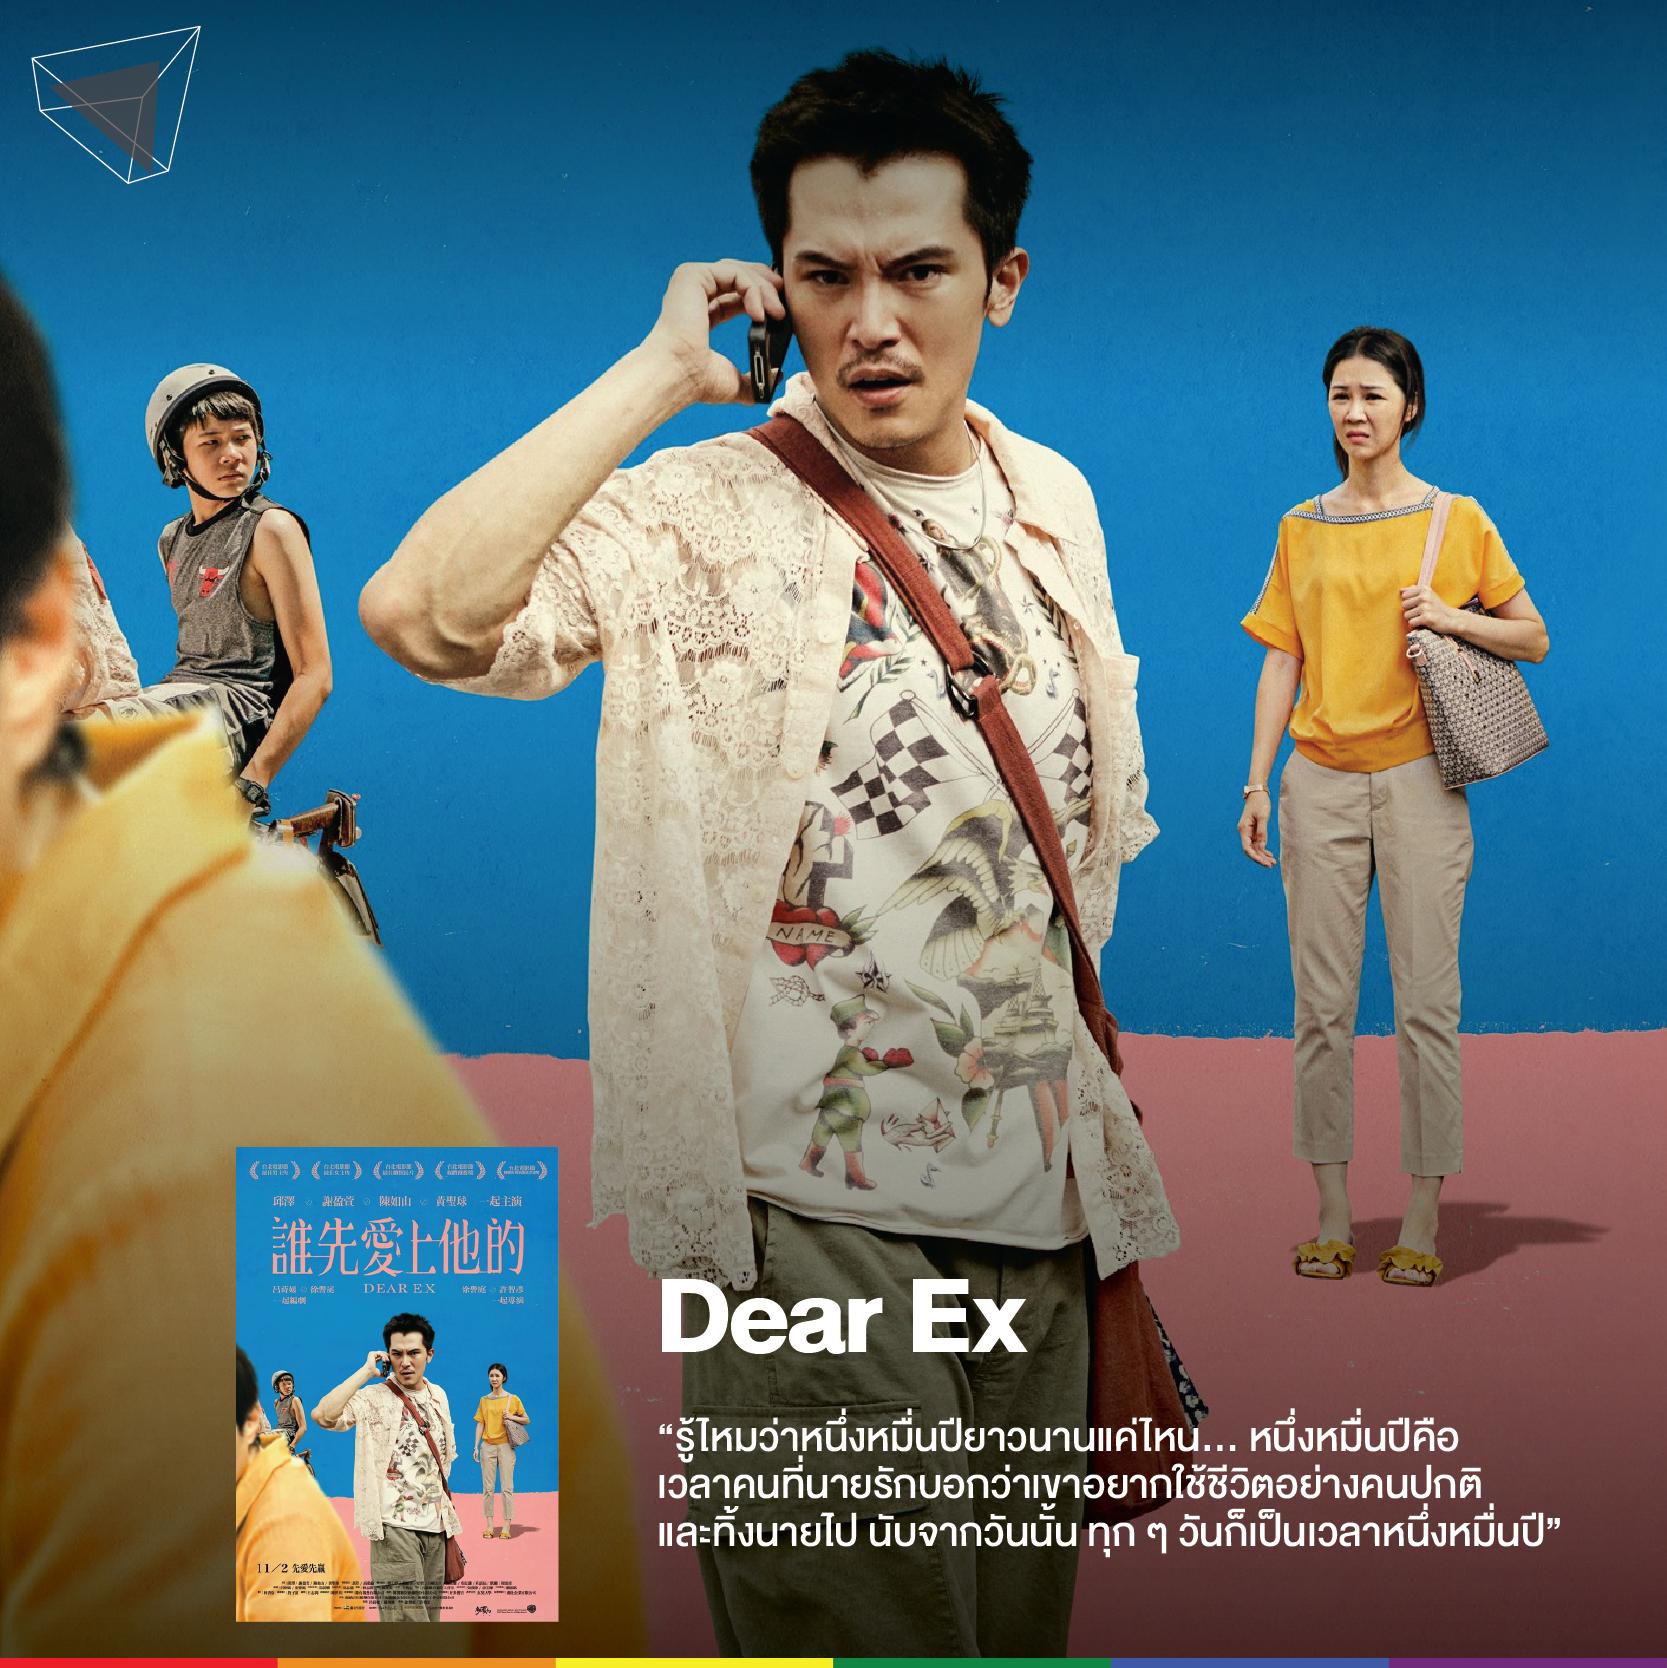 Dear Ex (2018) หนังเกย์จากฝั่งไต้หวัน